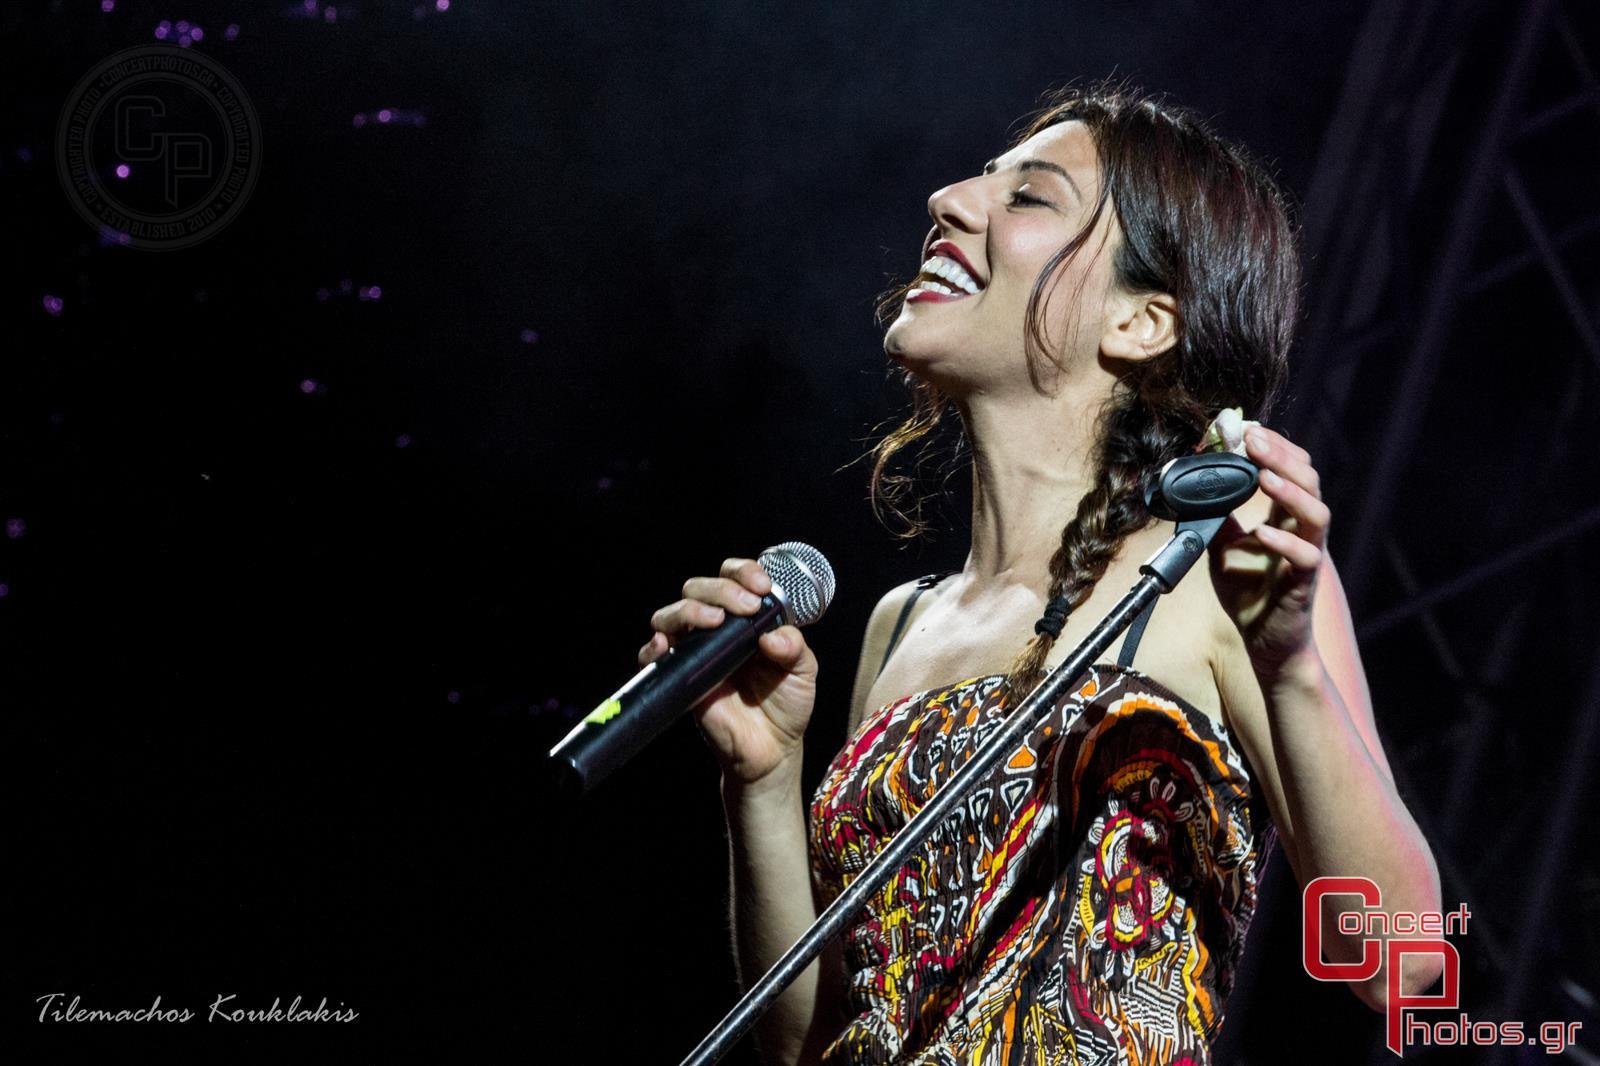 Μία συναυλία για τη Σχεδία 2014-Sxedia 2014 photographer:  - concertphotos_20140530_20_13_34-2